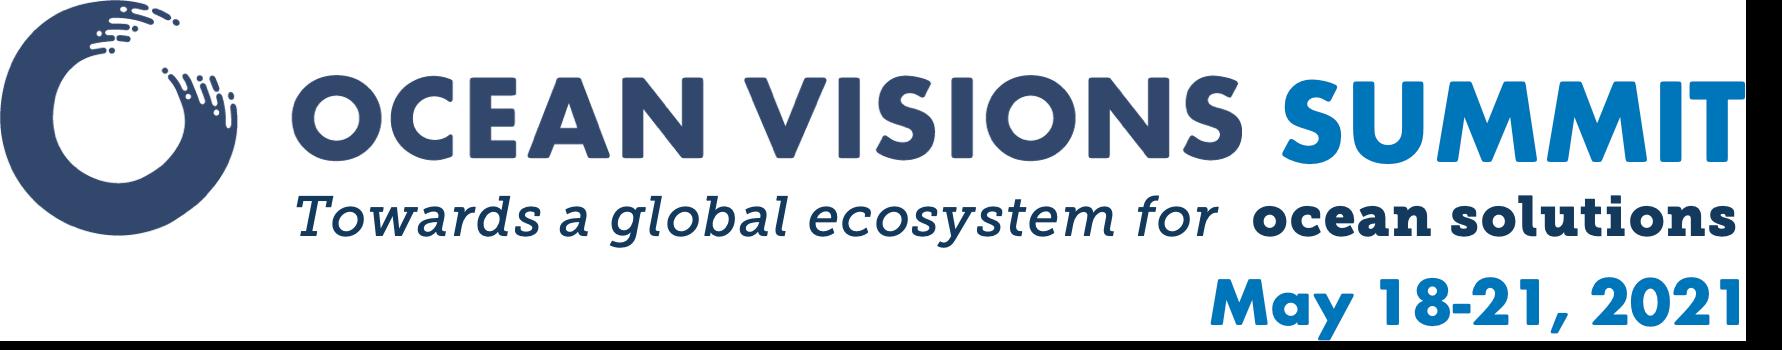 Ocean Visions Summit 2021